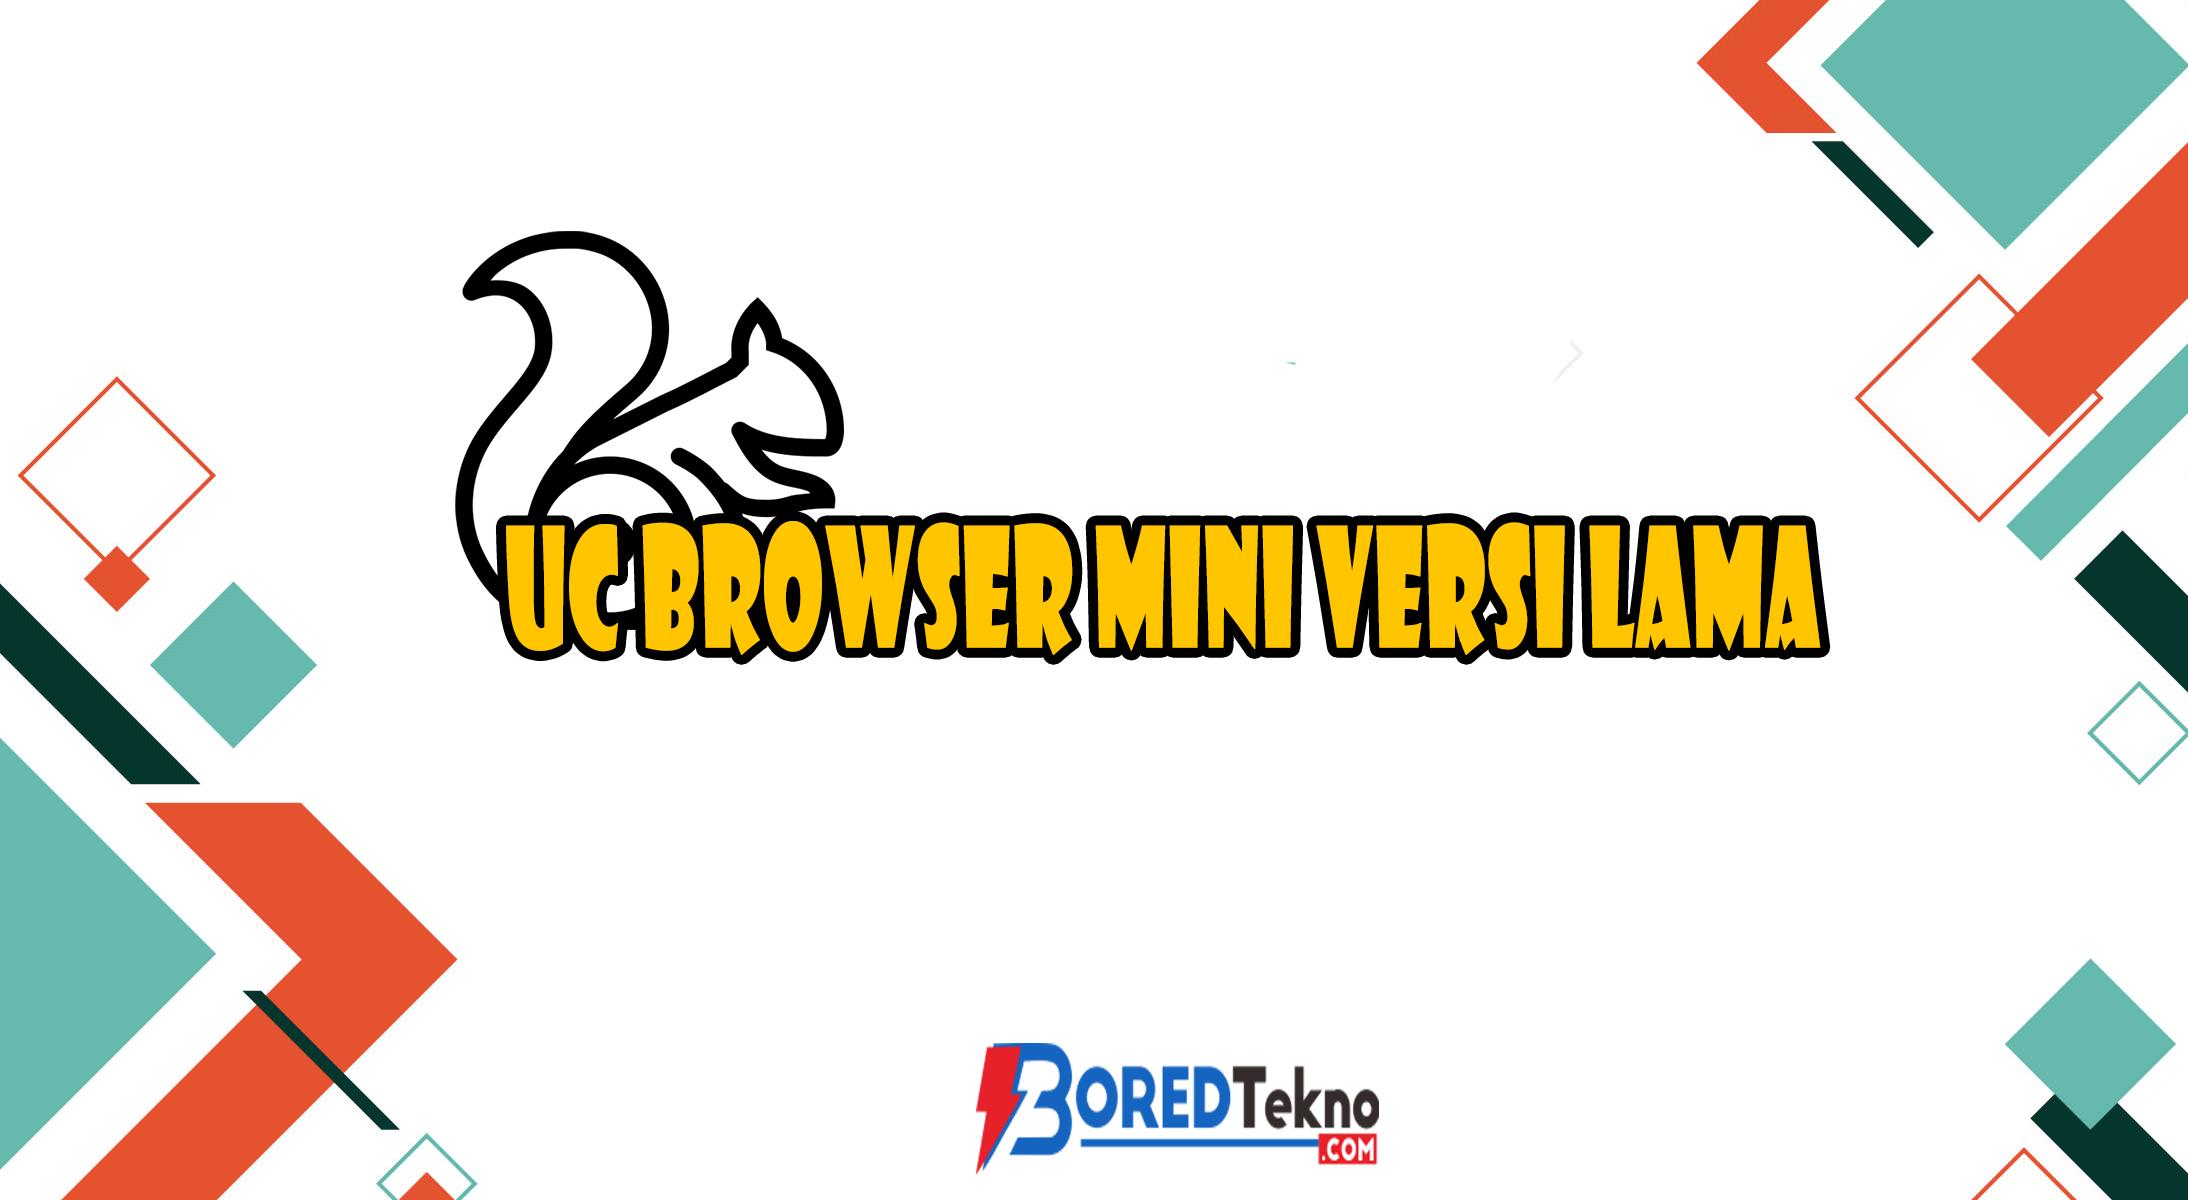 UC Browser Mini Versi Lama